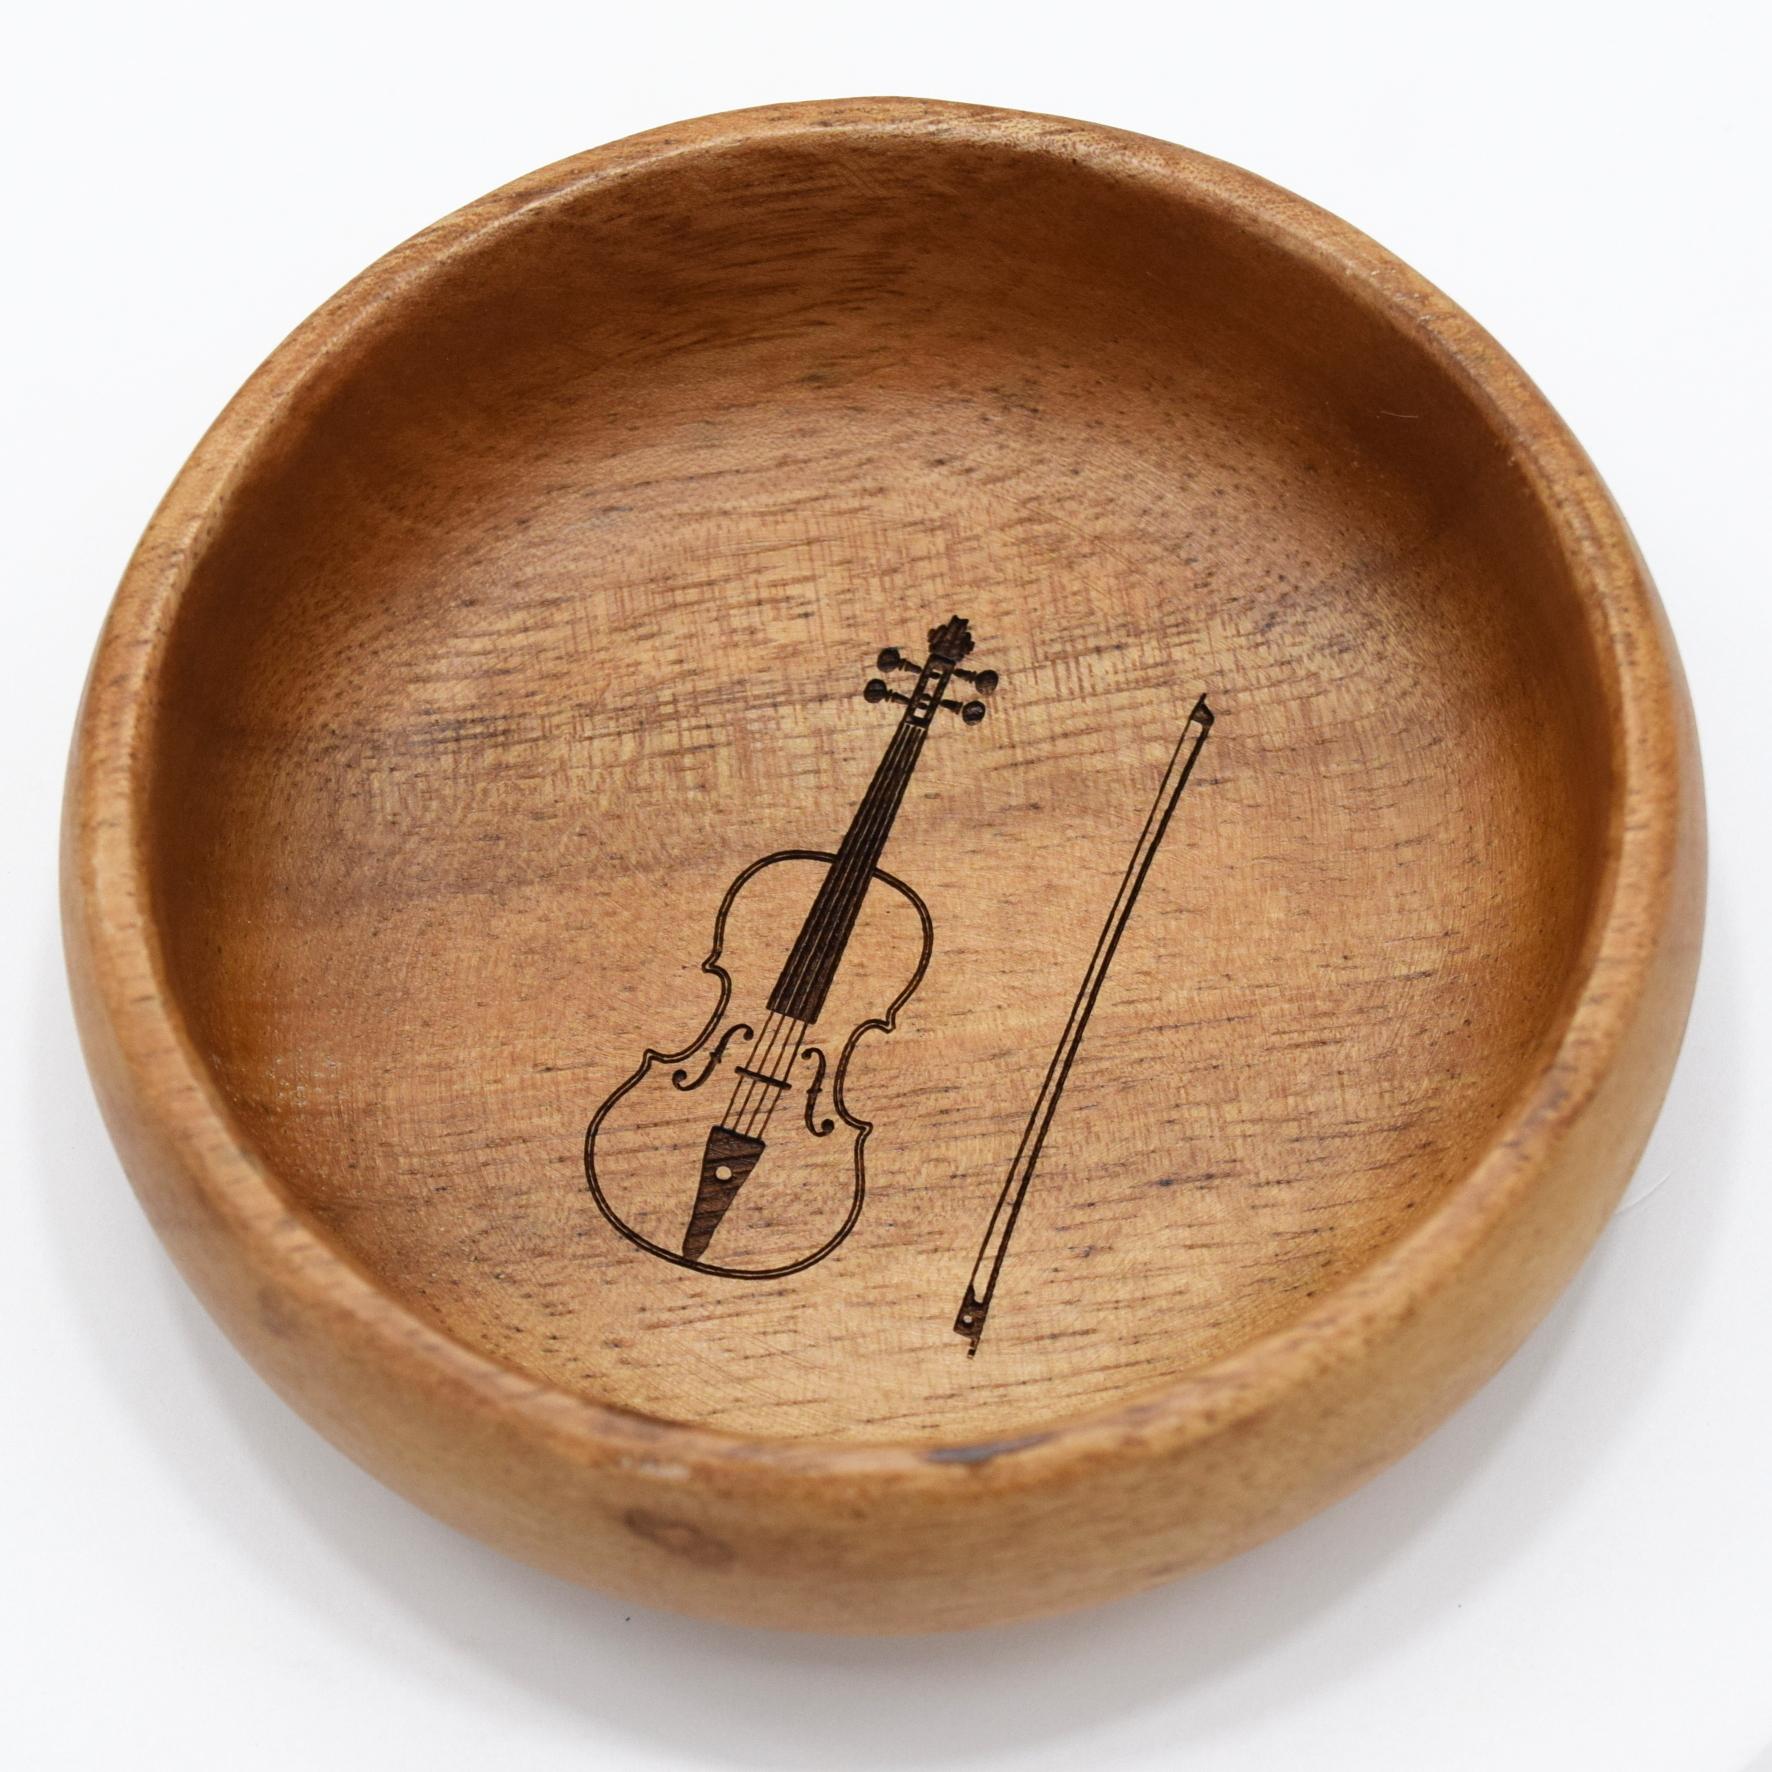 [単品]アカシアボウル『ヴァイオリン』 ~発表会記念品として♪~